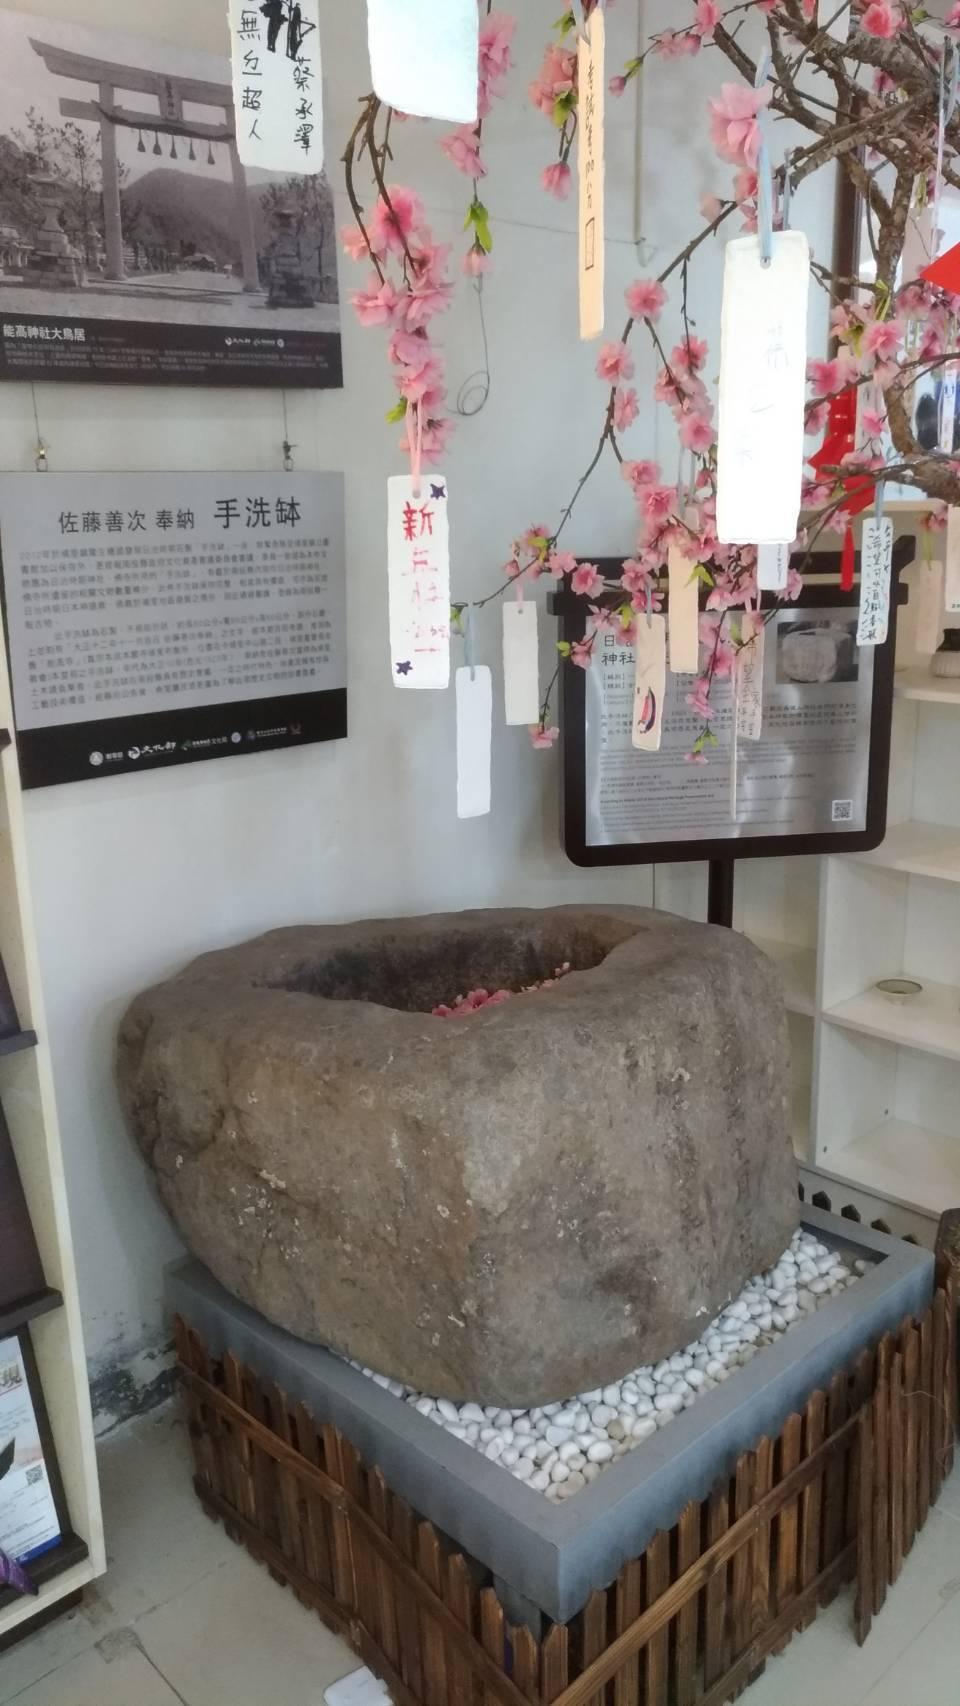 埔里鎮立圖書館內的日治時期埔里地區神社手洗缽,也是南投的古物之一。圖/南投縣文化...